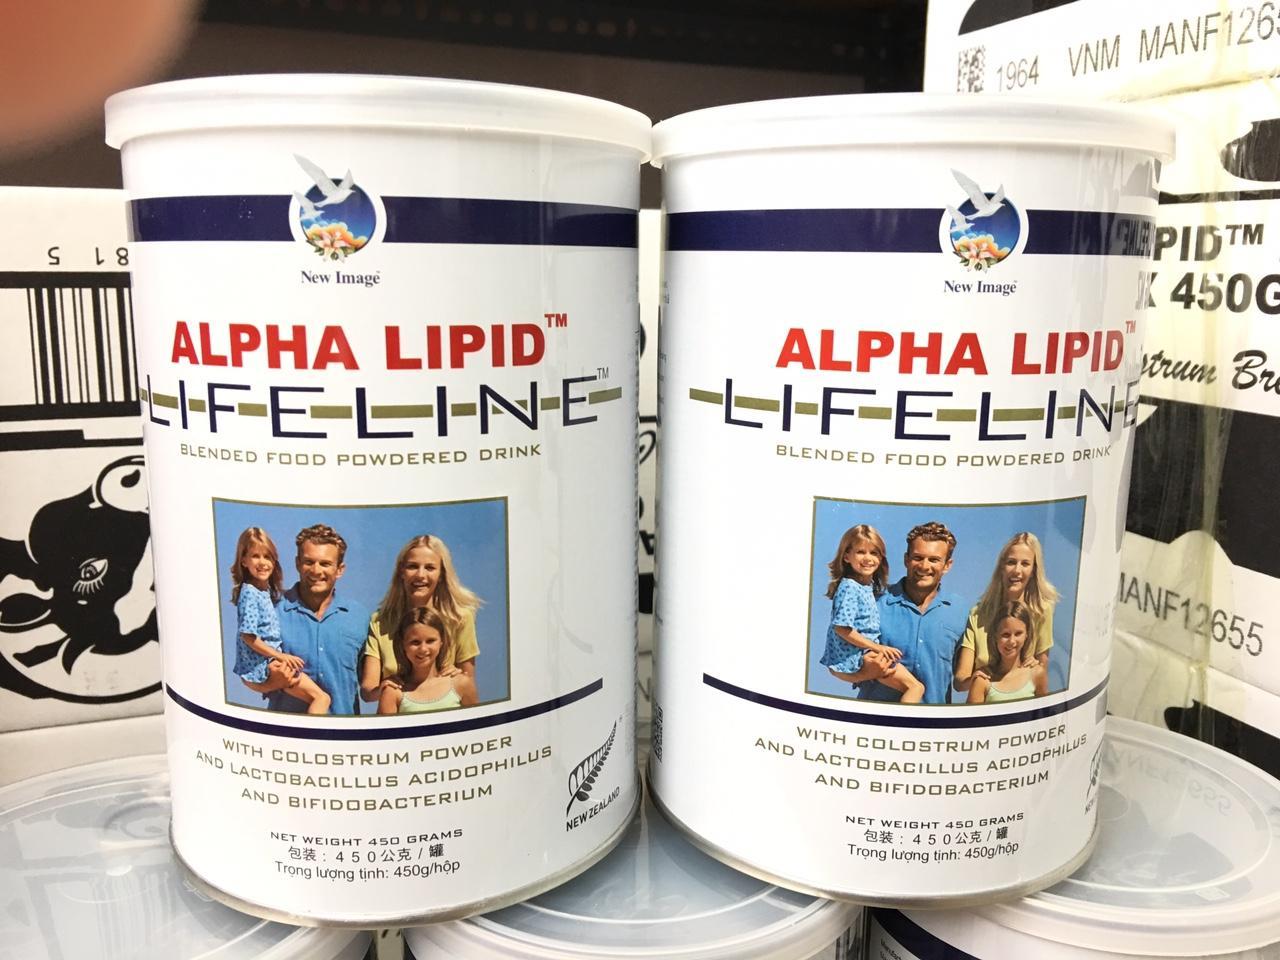 Sữa Non Alpha Lipid Lifeline New Zealand Cạo Mã Code Nhà Thuốc Hạnh Phúc, Hsd Cuối Năm 2021 By Hangchuan100.